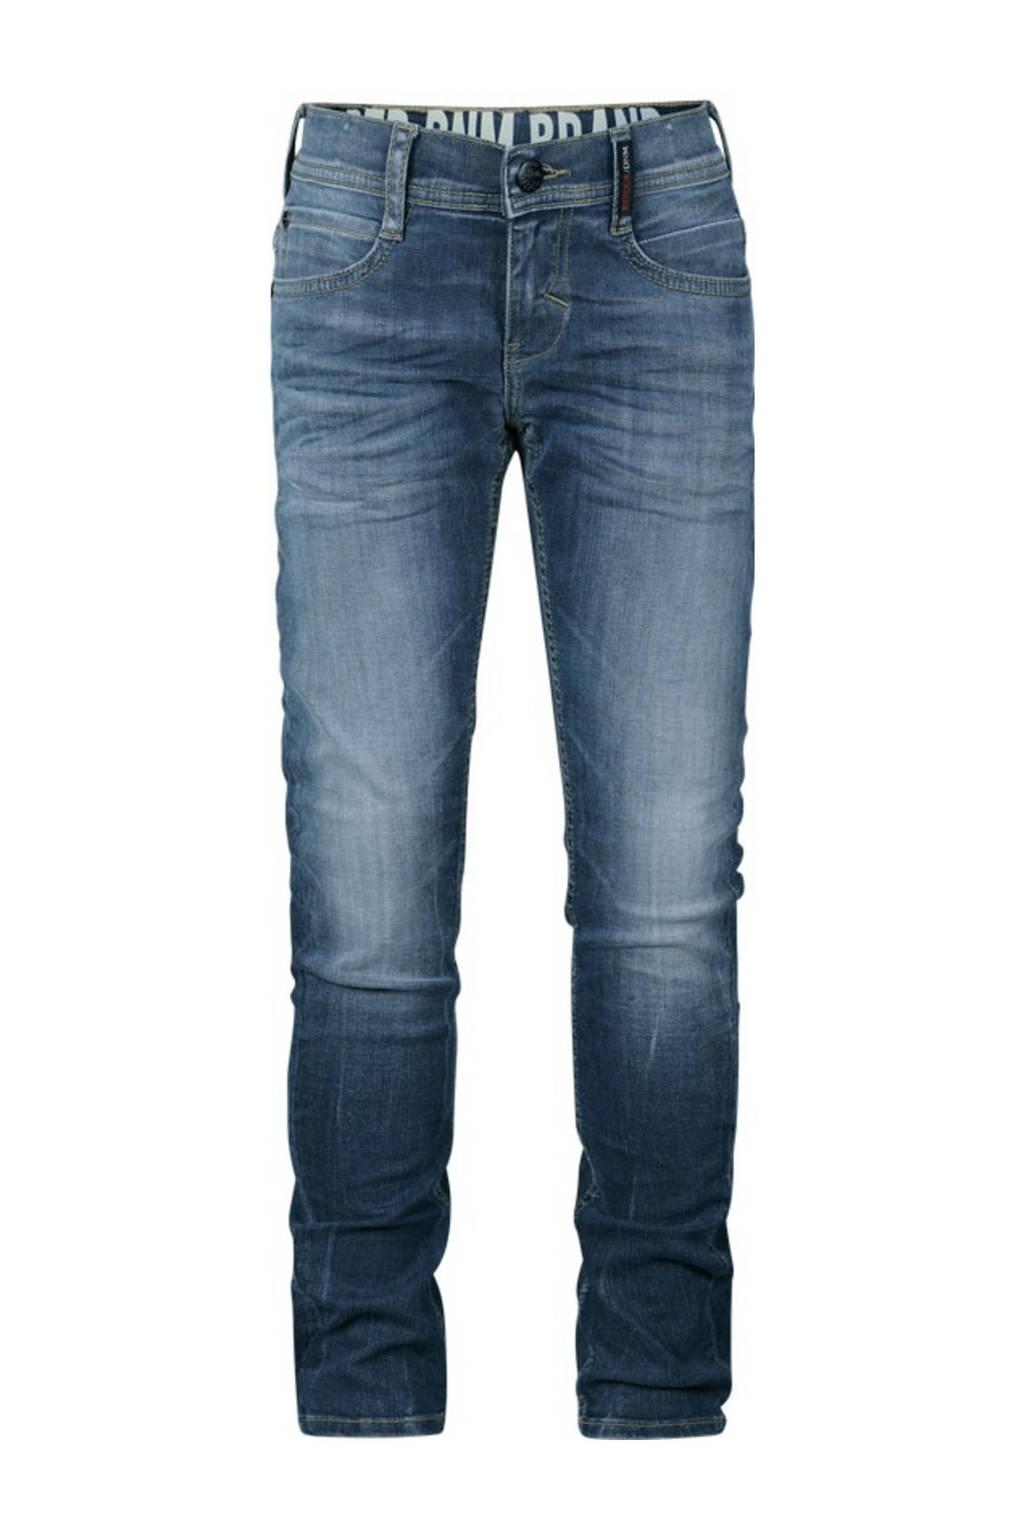 Retour Denim regular fit jeans Tobias medium blue denim, Medium blue denim